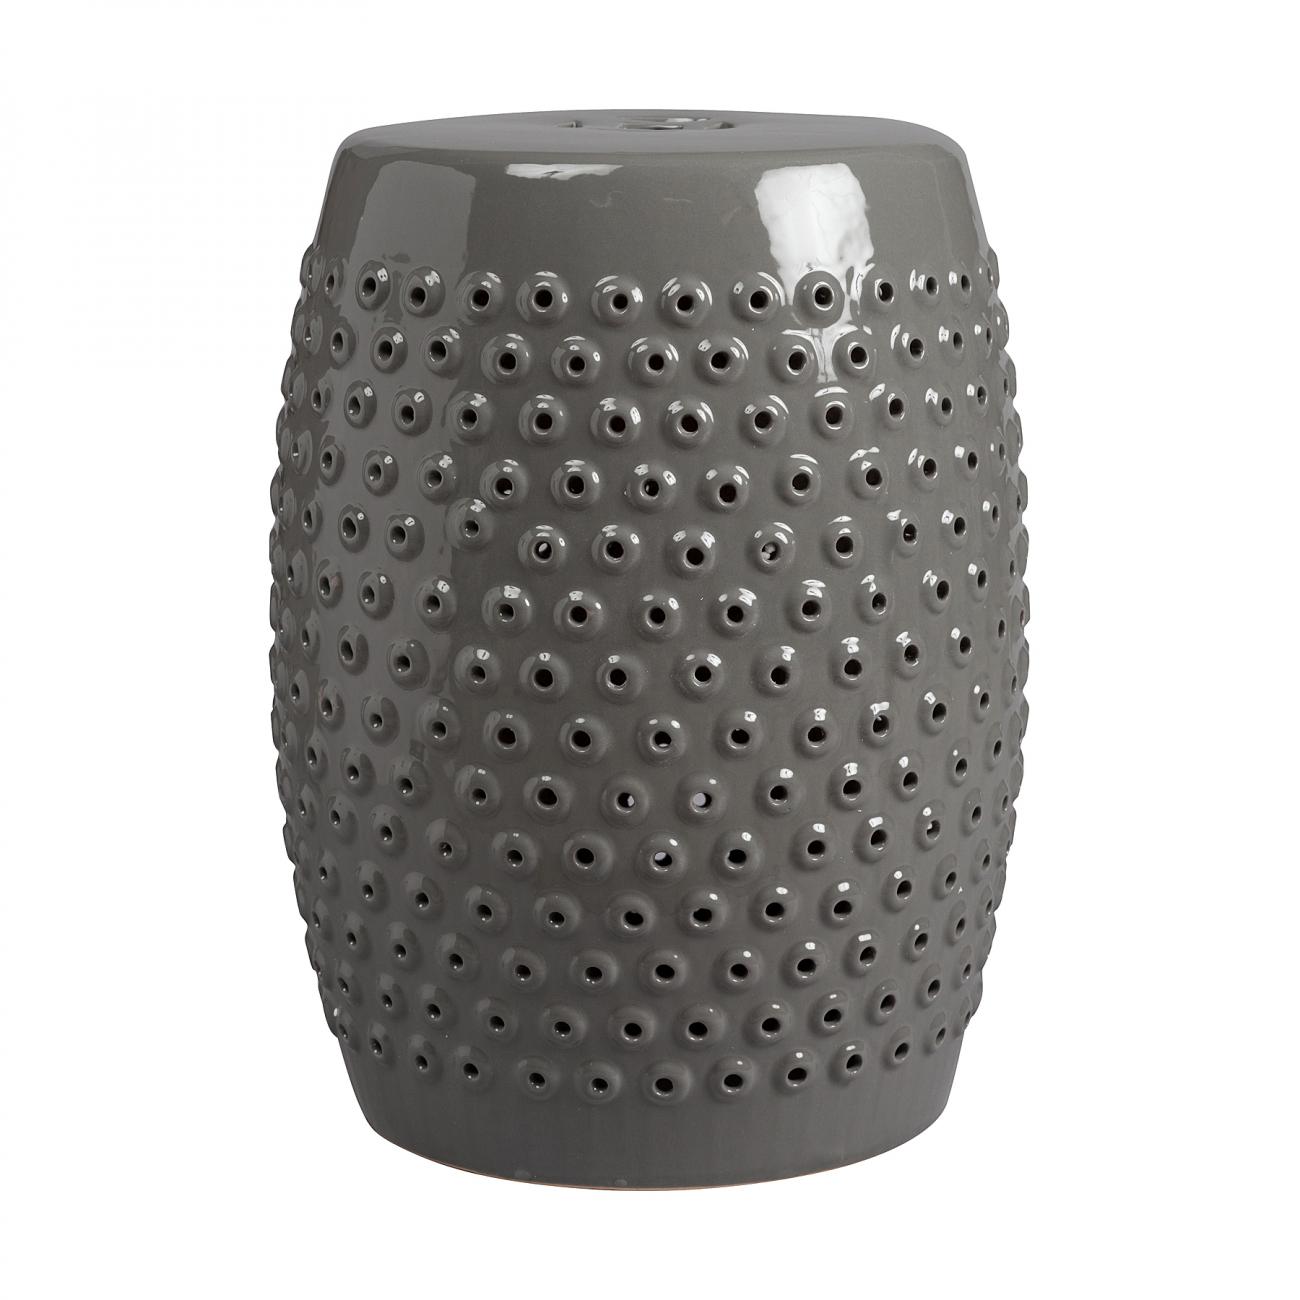 Купить Керамический столик-табурет Cutwork Garden Stool Серый в интернет магазине дизайнерской мебели и аксессуаров для дома и дачи